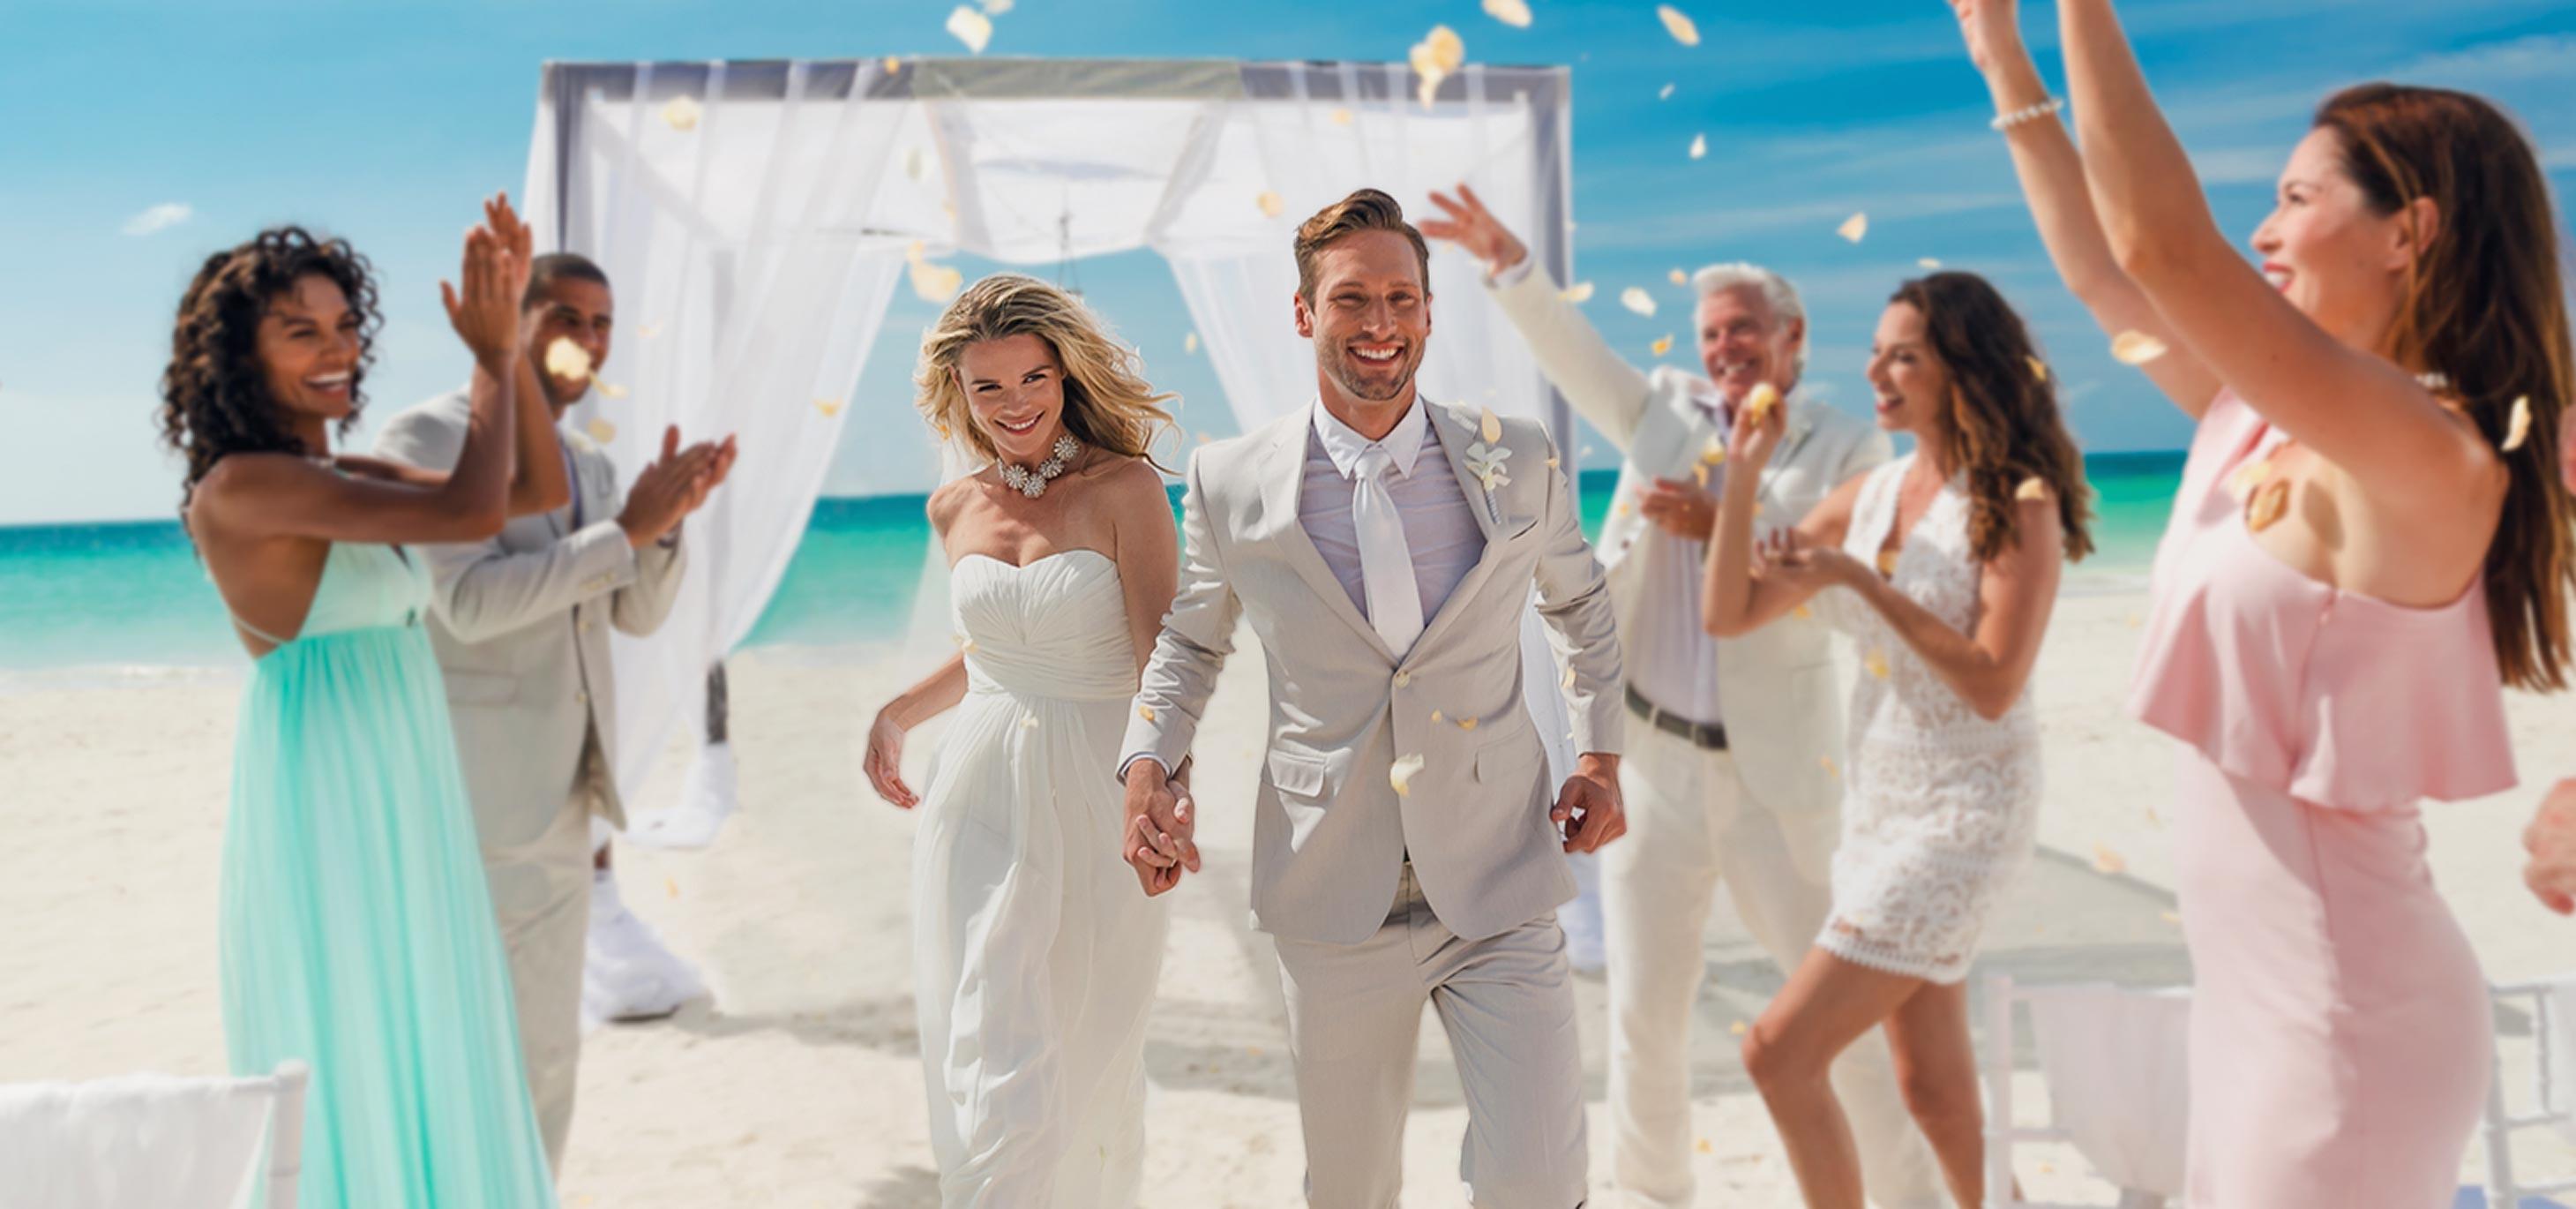 4d2d4f6e9cfde Destination Wedding Photography Packages